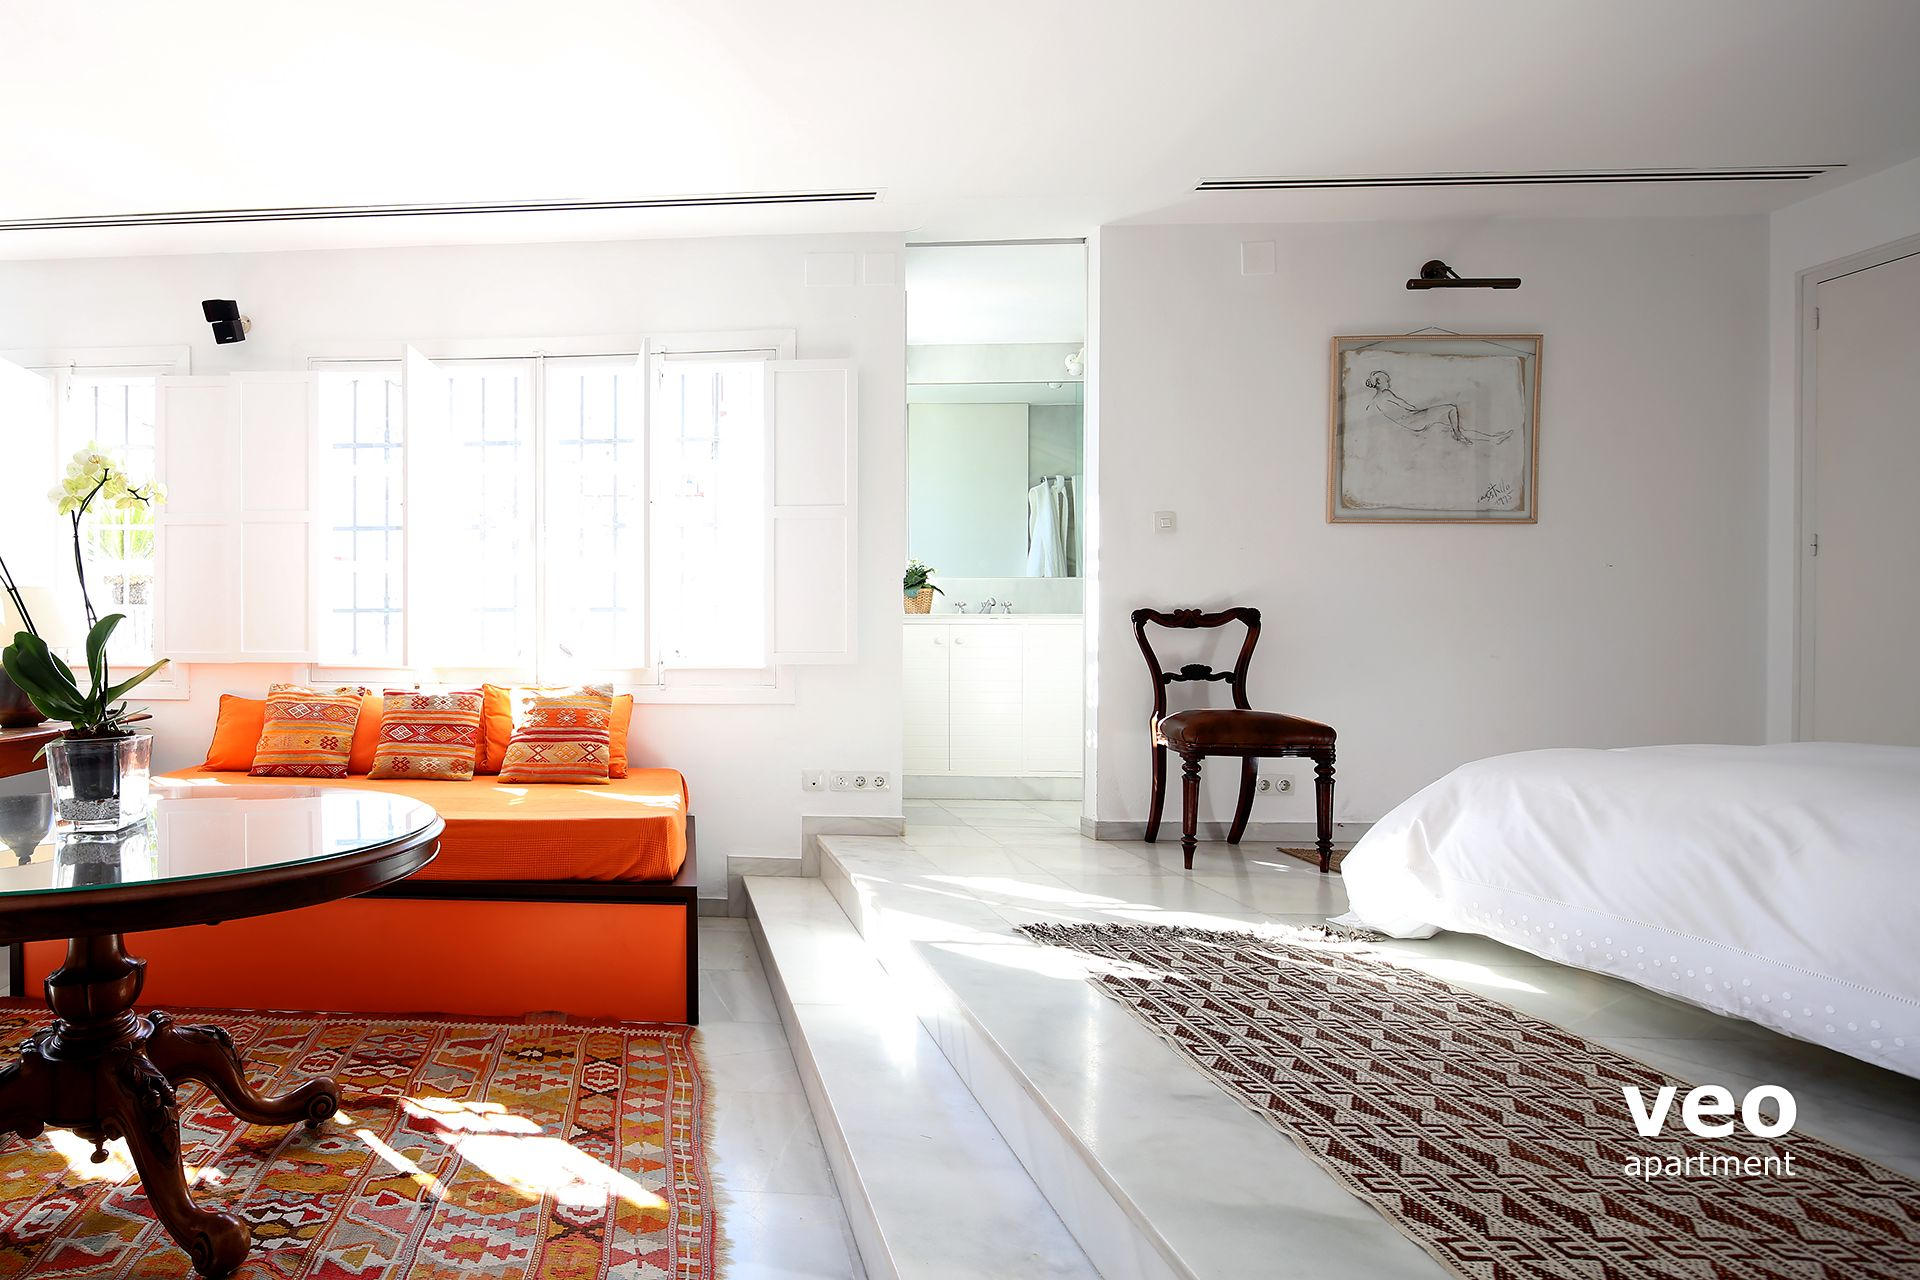 Sevilla apartmento calle zaragoza sevilla espa a plaza for Registro bienes muebles sevilla